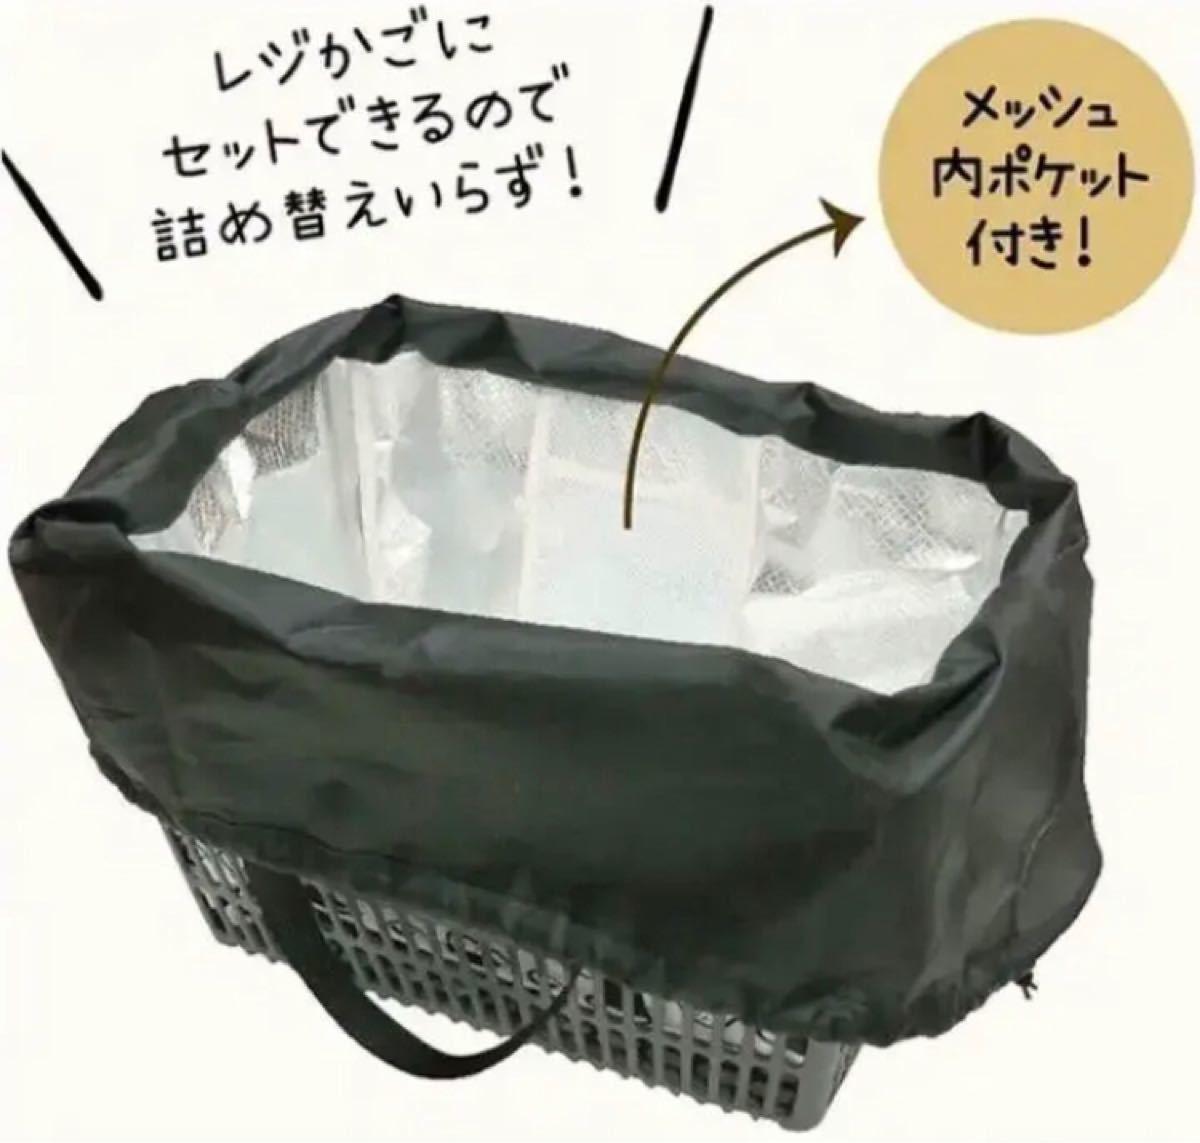 エコバッグ レジかご 折りたたみタイプ ミッキーマウス グレー作りのしっかりとした保冷バッグ トートバッグ 保冷バッグ 大容量